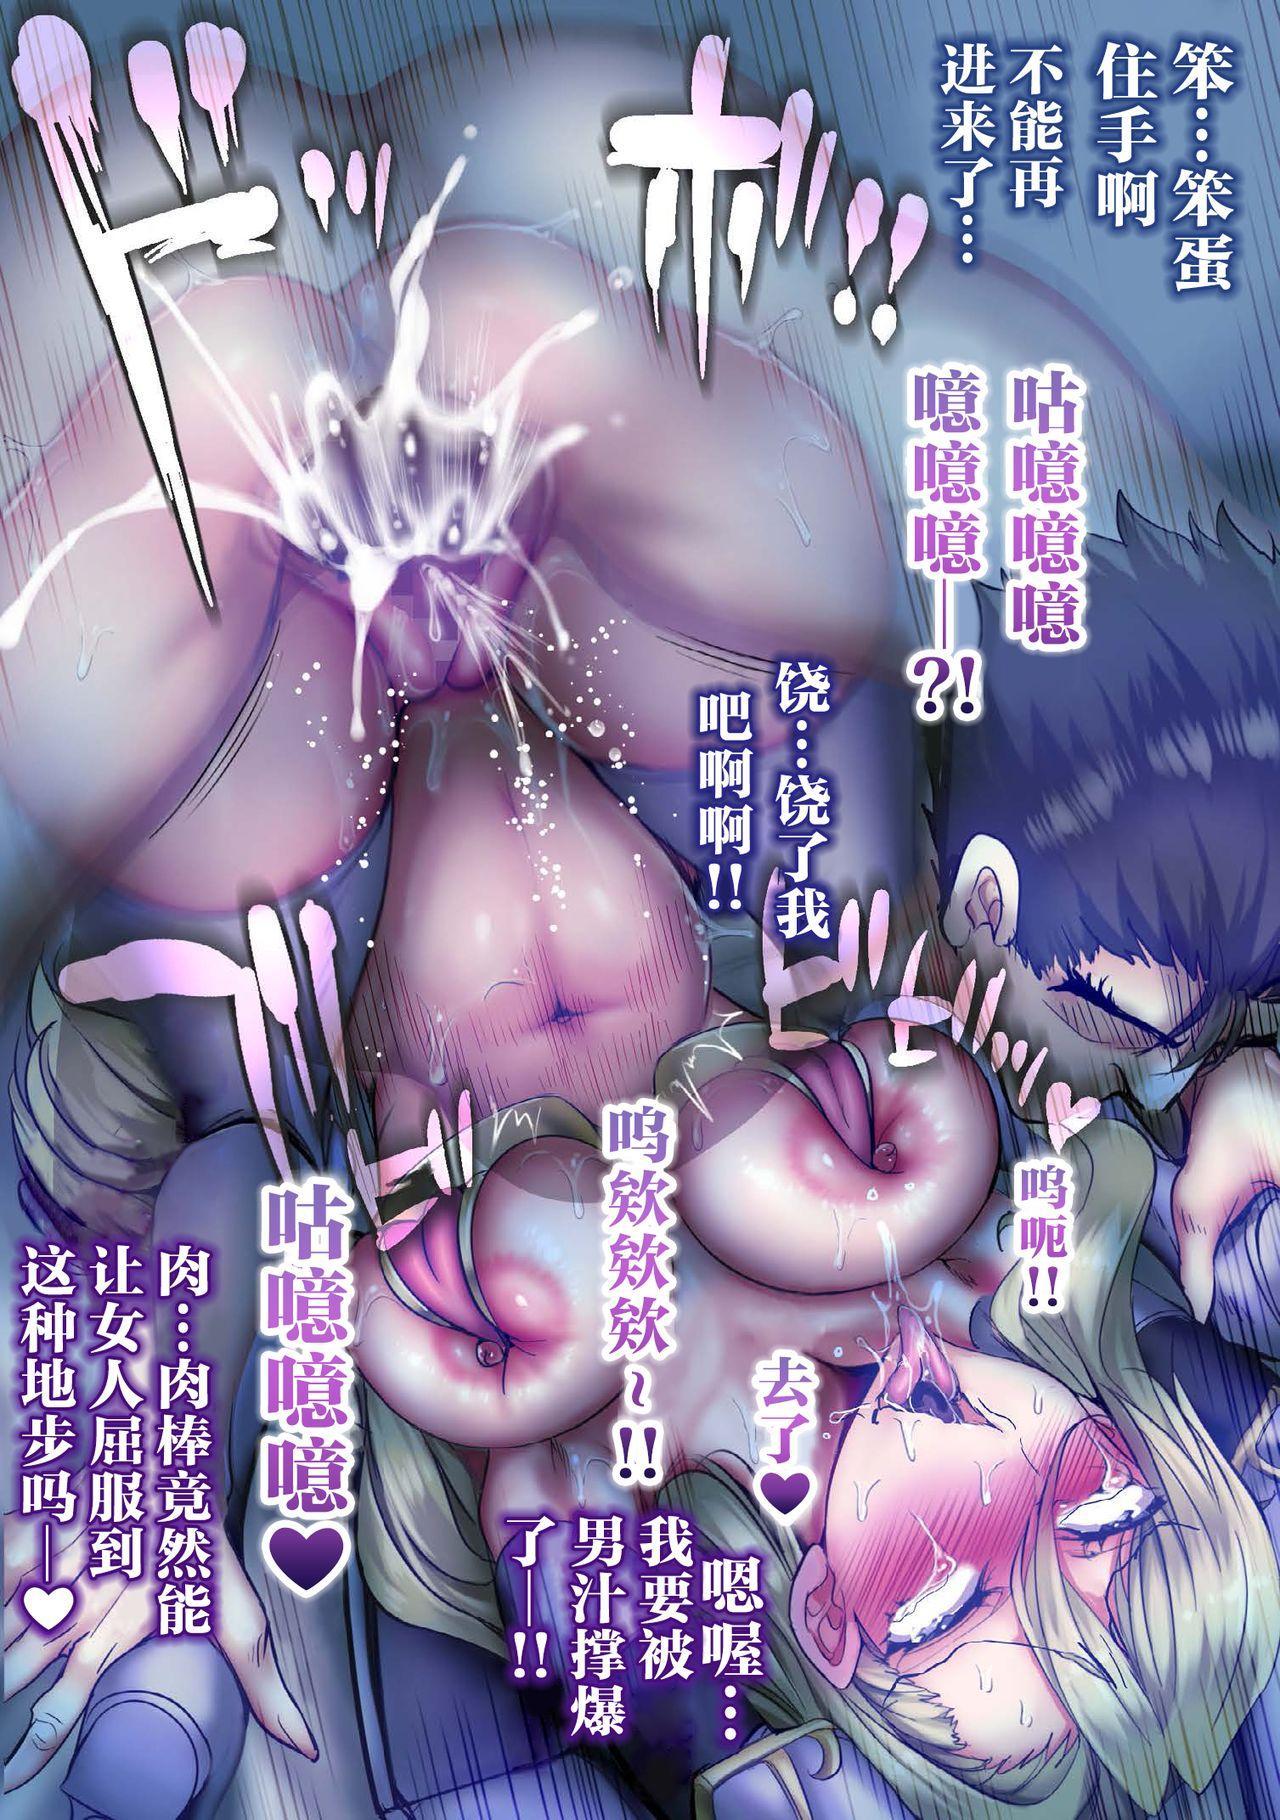 Zenmetsu Party Rape 3 | 全灭强奸派对3 52